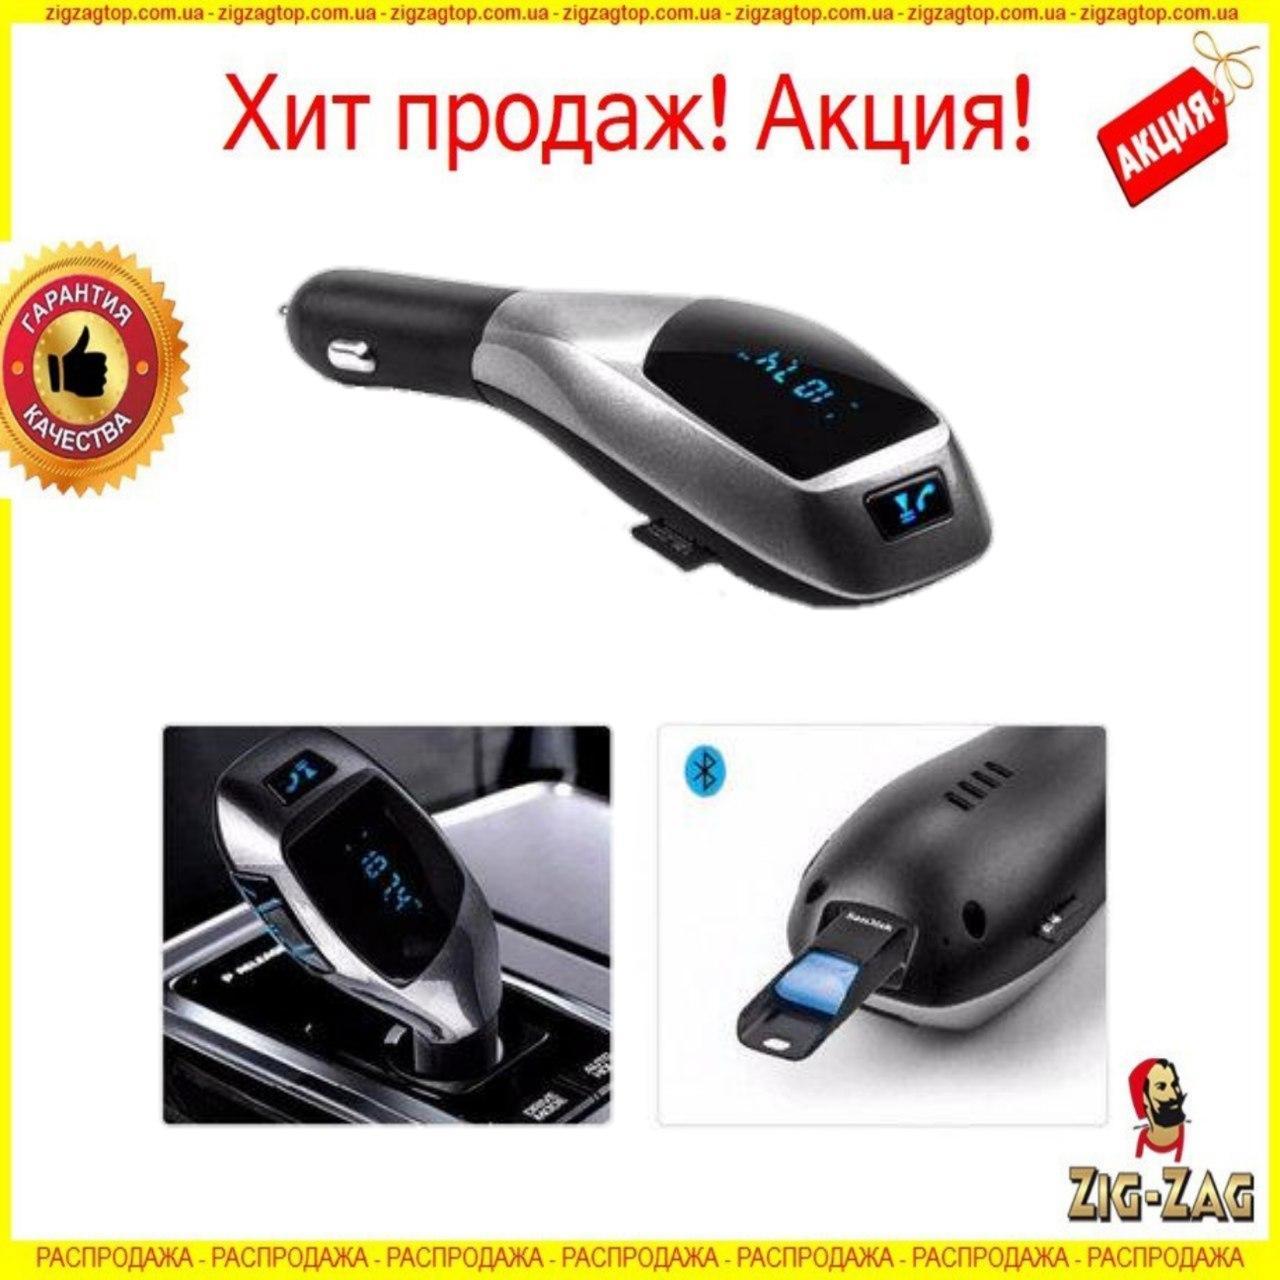 Автомобільний FM модулятор Трансмітер HZ H20BT +ПУЛЬТ Bluetooth USB microSD Блютуз для Авто ФМ Ресивер Плеєр